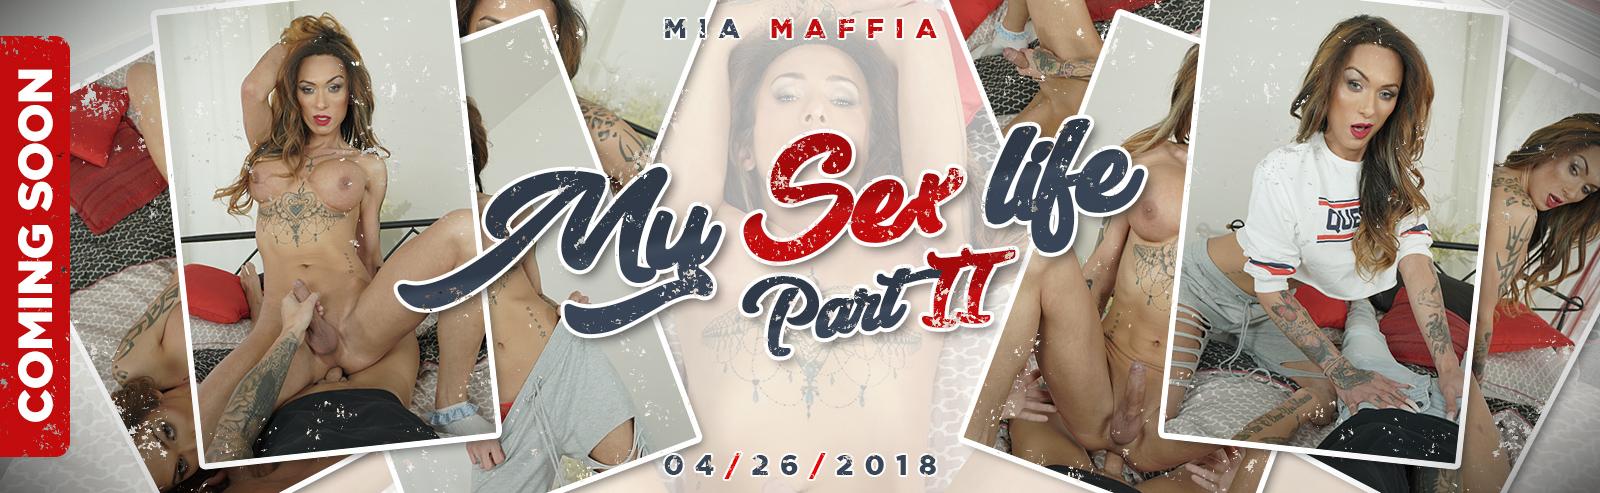 Mia Maffia